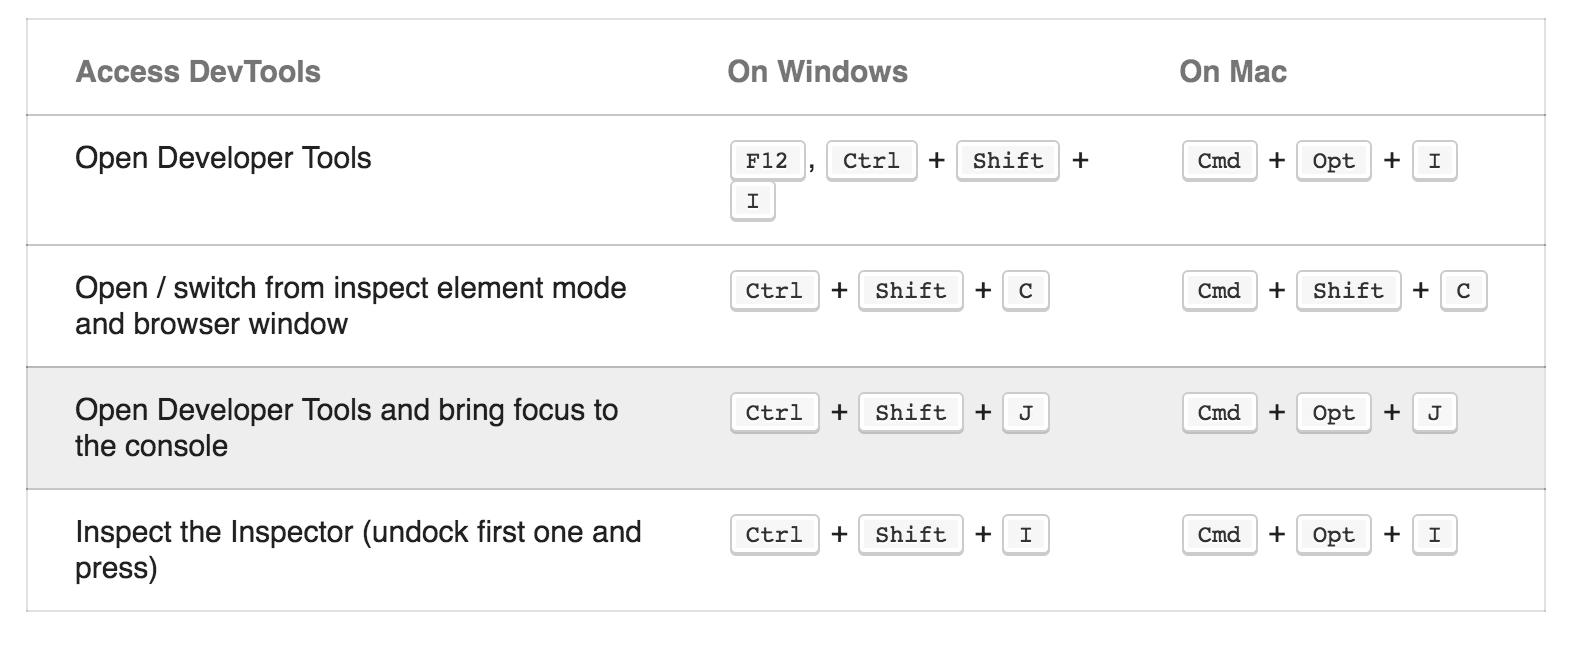 若使用 Google Chrome 則可以使用 Chrome 快捷鍵,Mac Chrome 電腦鍵盤快捷鍵 Cmd + Option + j,Windows、Linux Chrome 電腦鍵盤快捷鍵 Ctrl + Shift + j